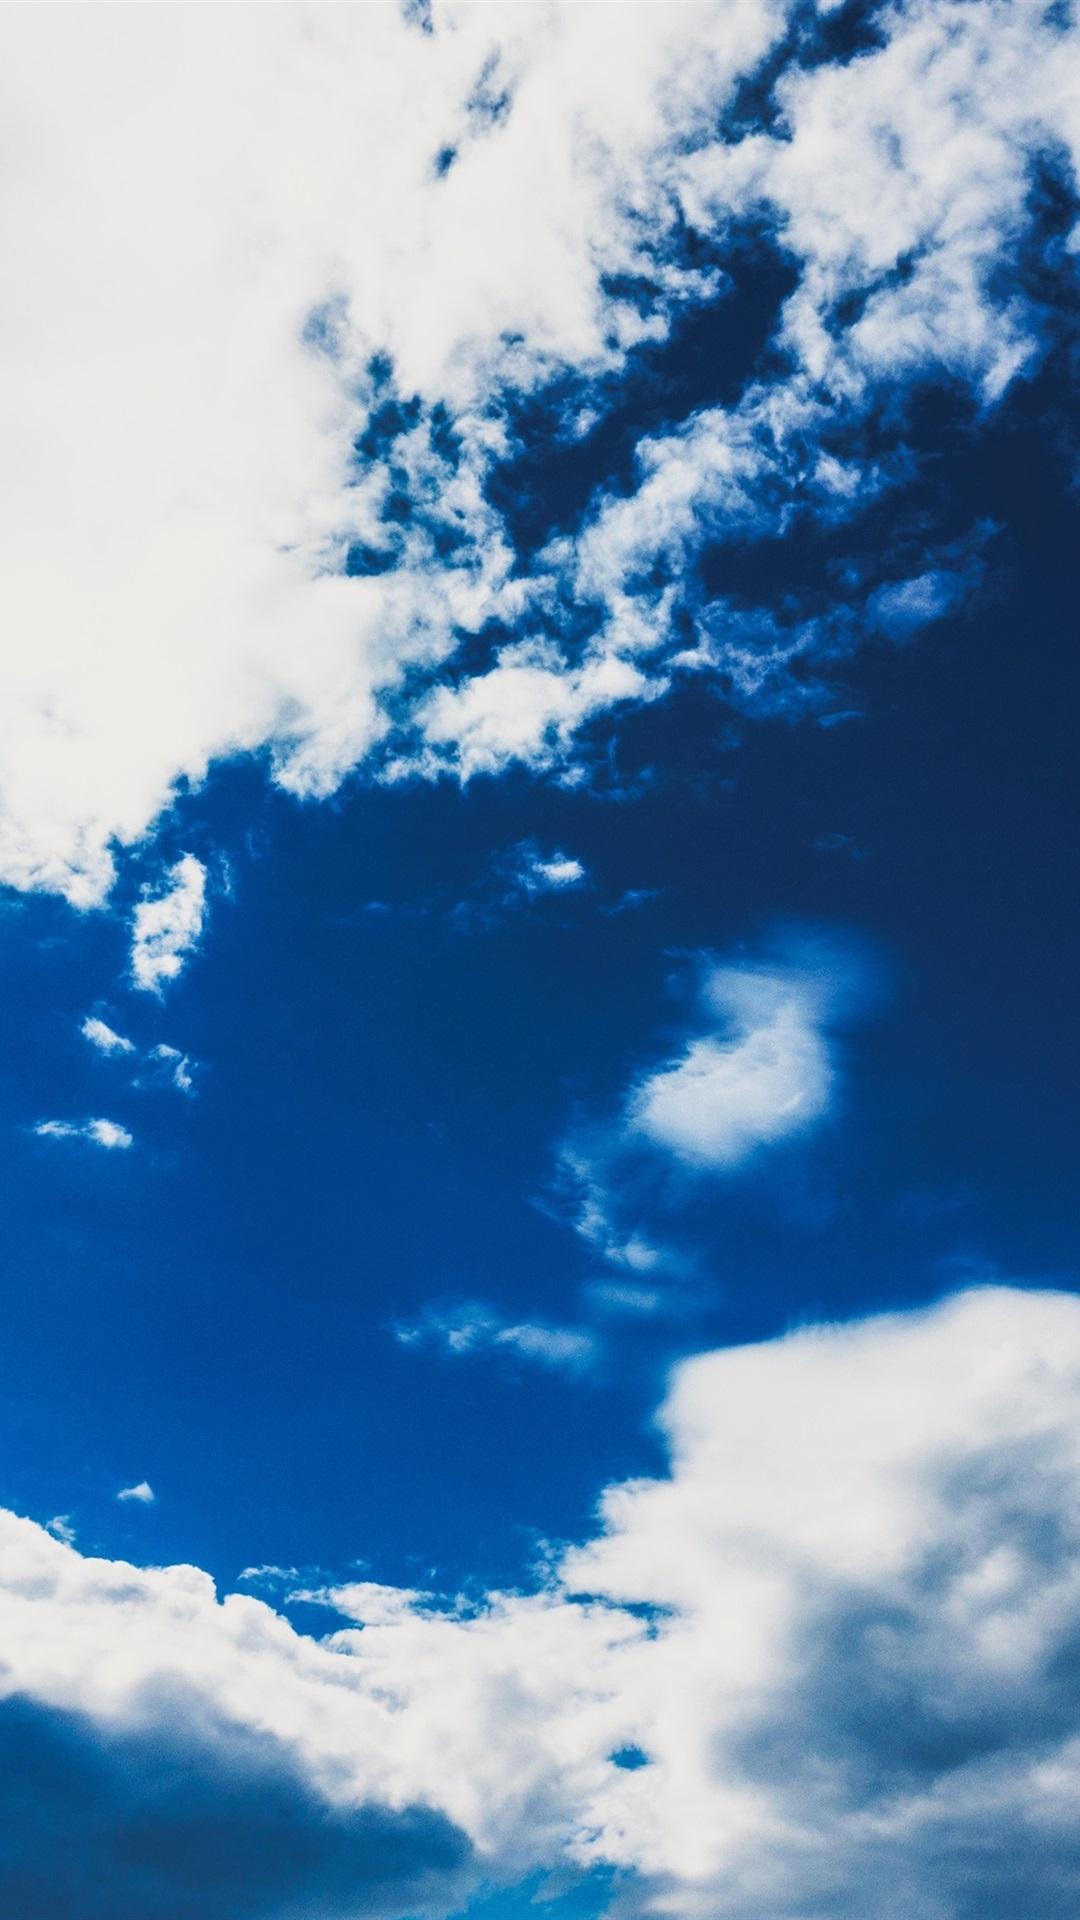 Oblaka 1080x19 Wallpaper Teahub Io